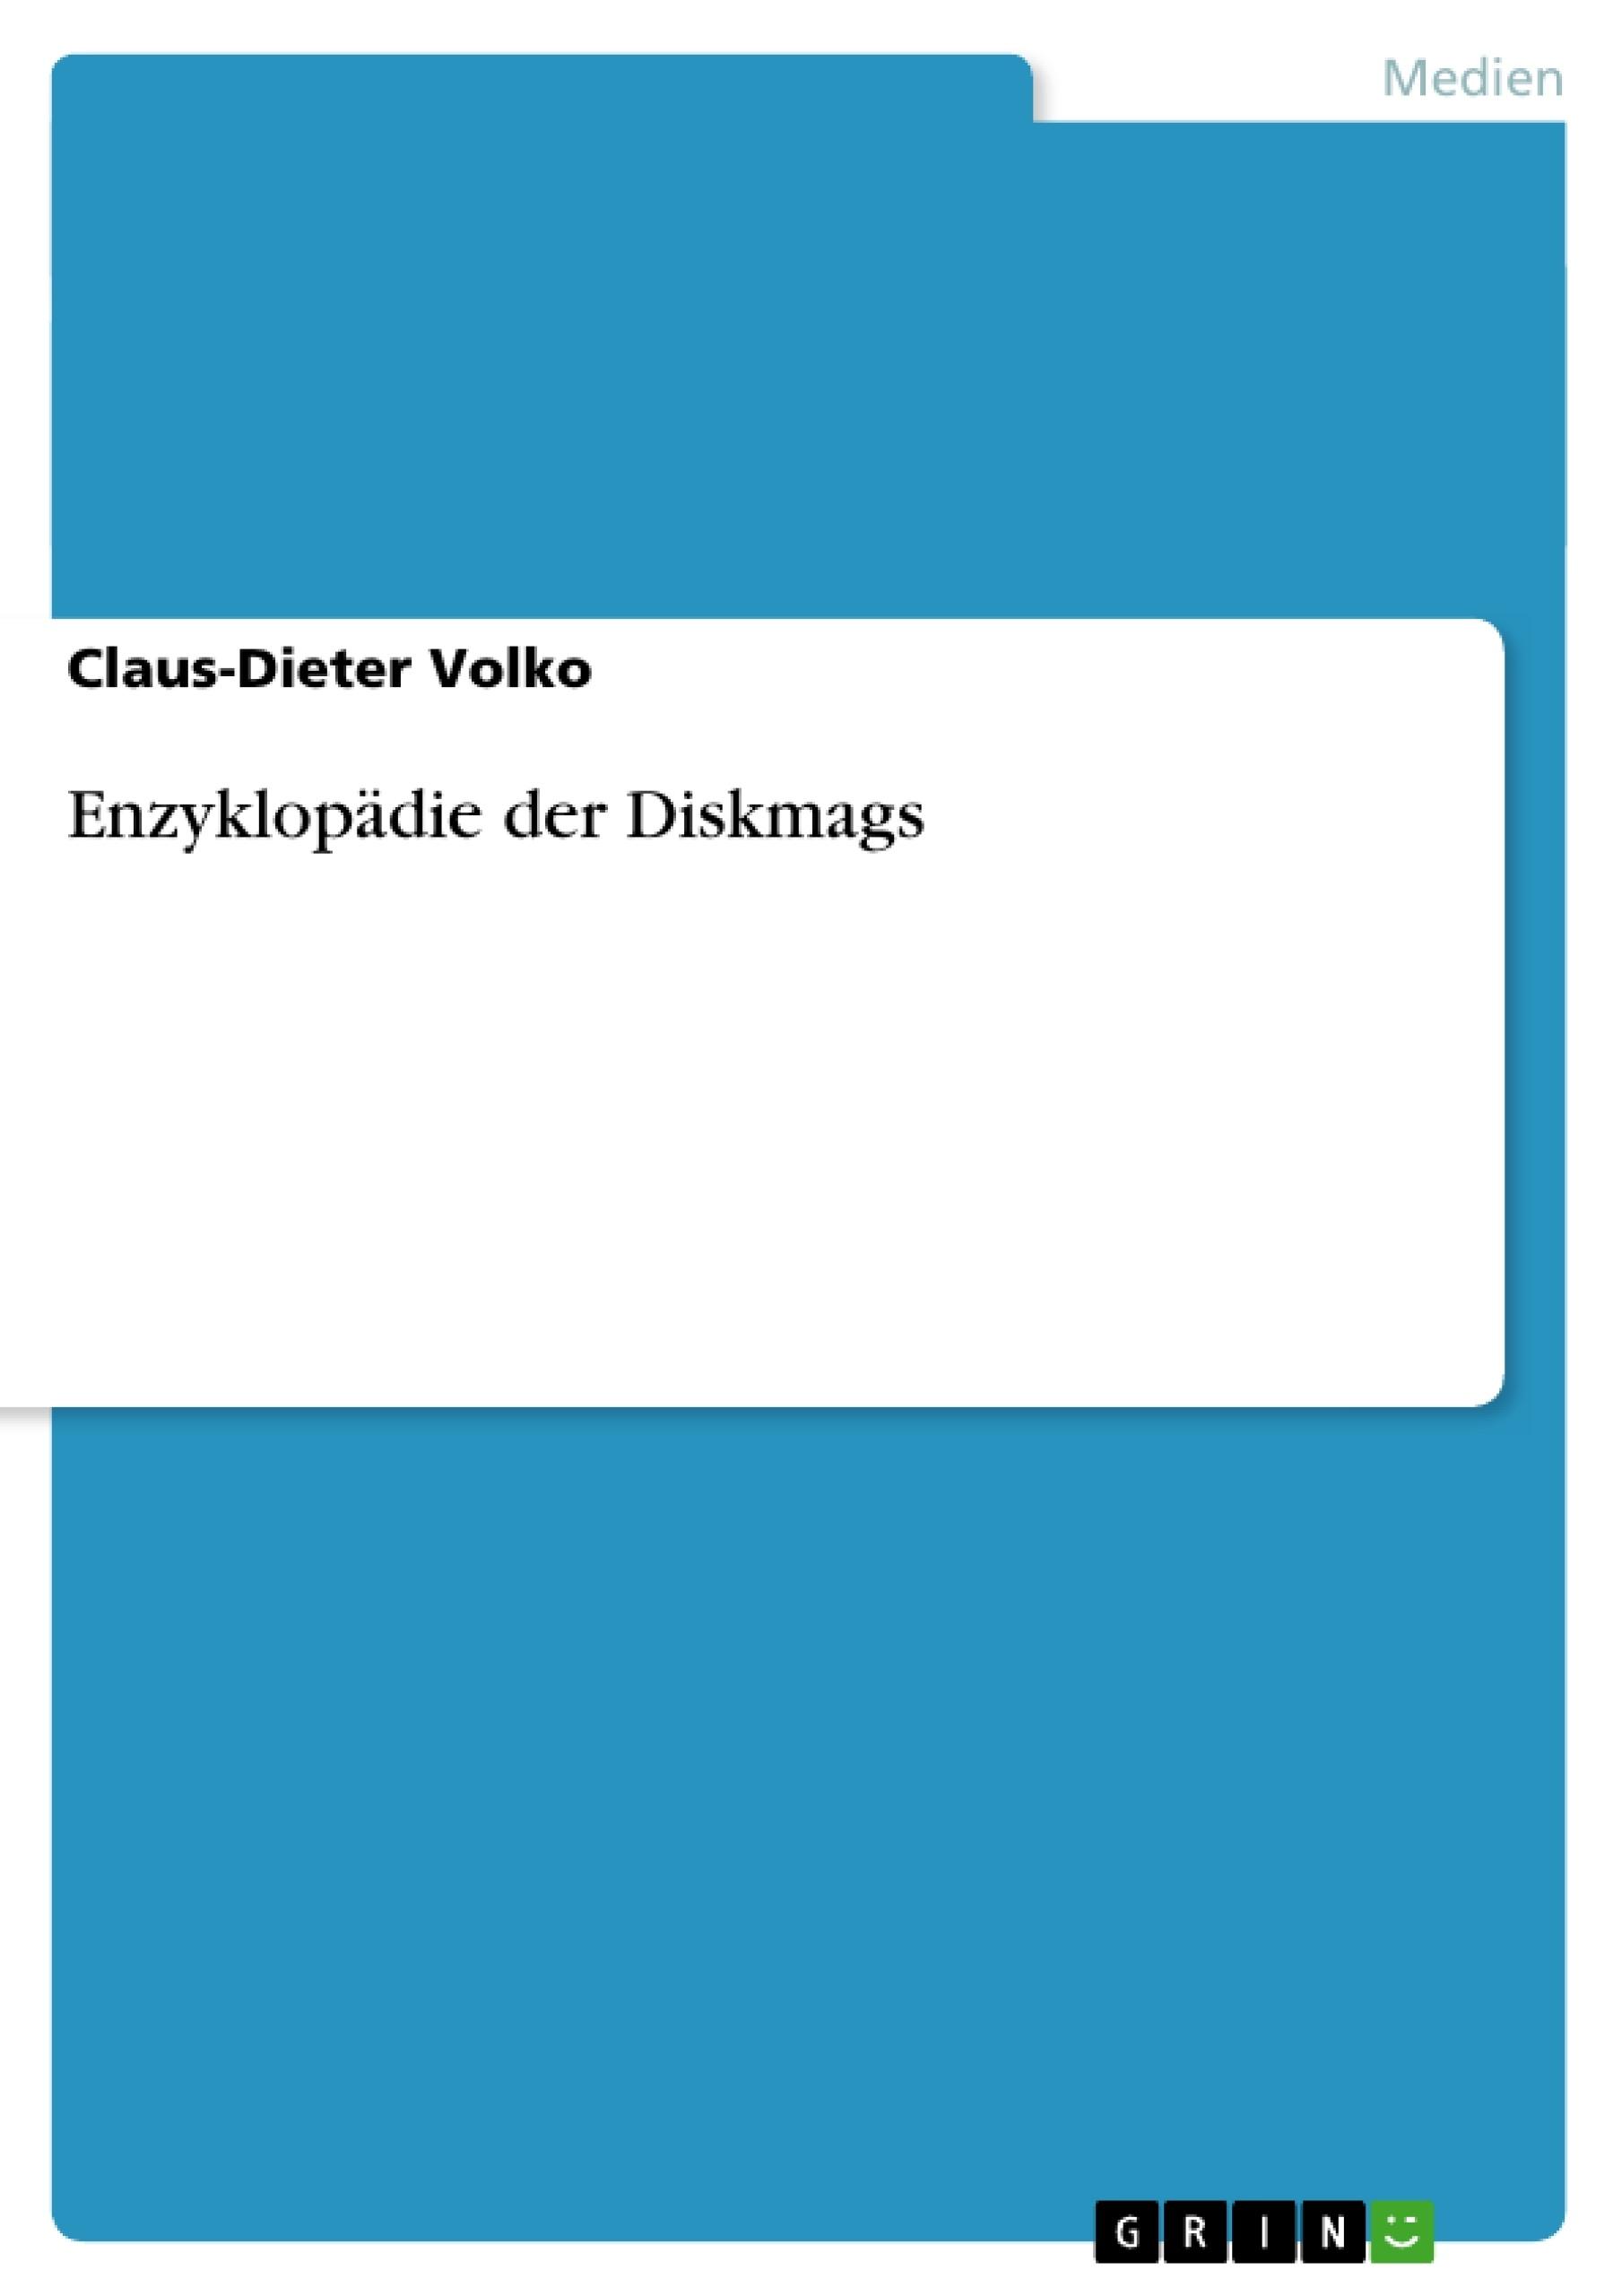 Titel: Enzyklopädie der Diskmags